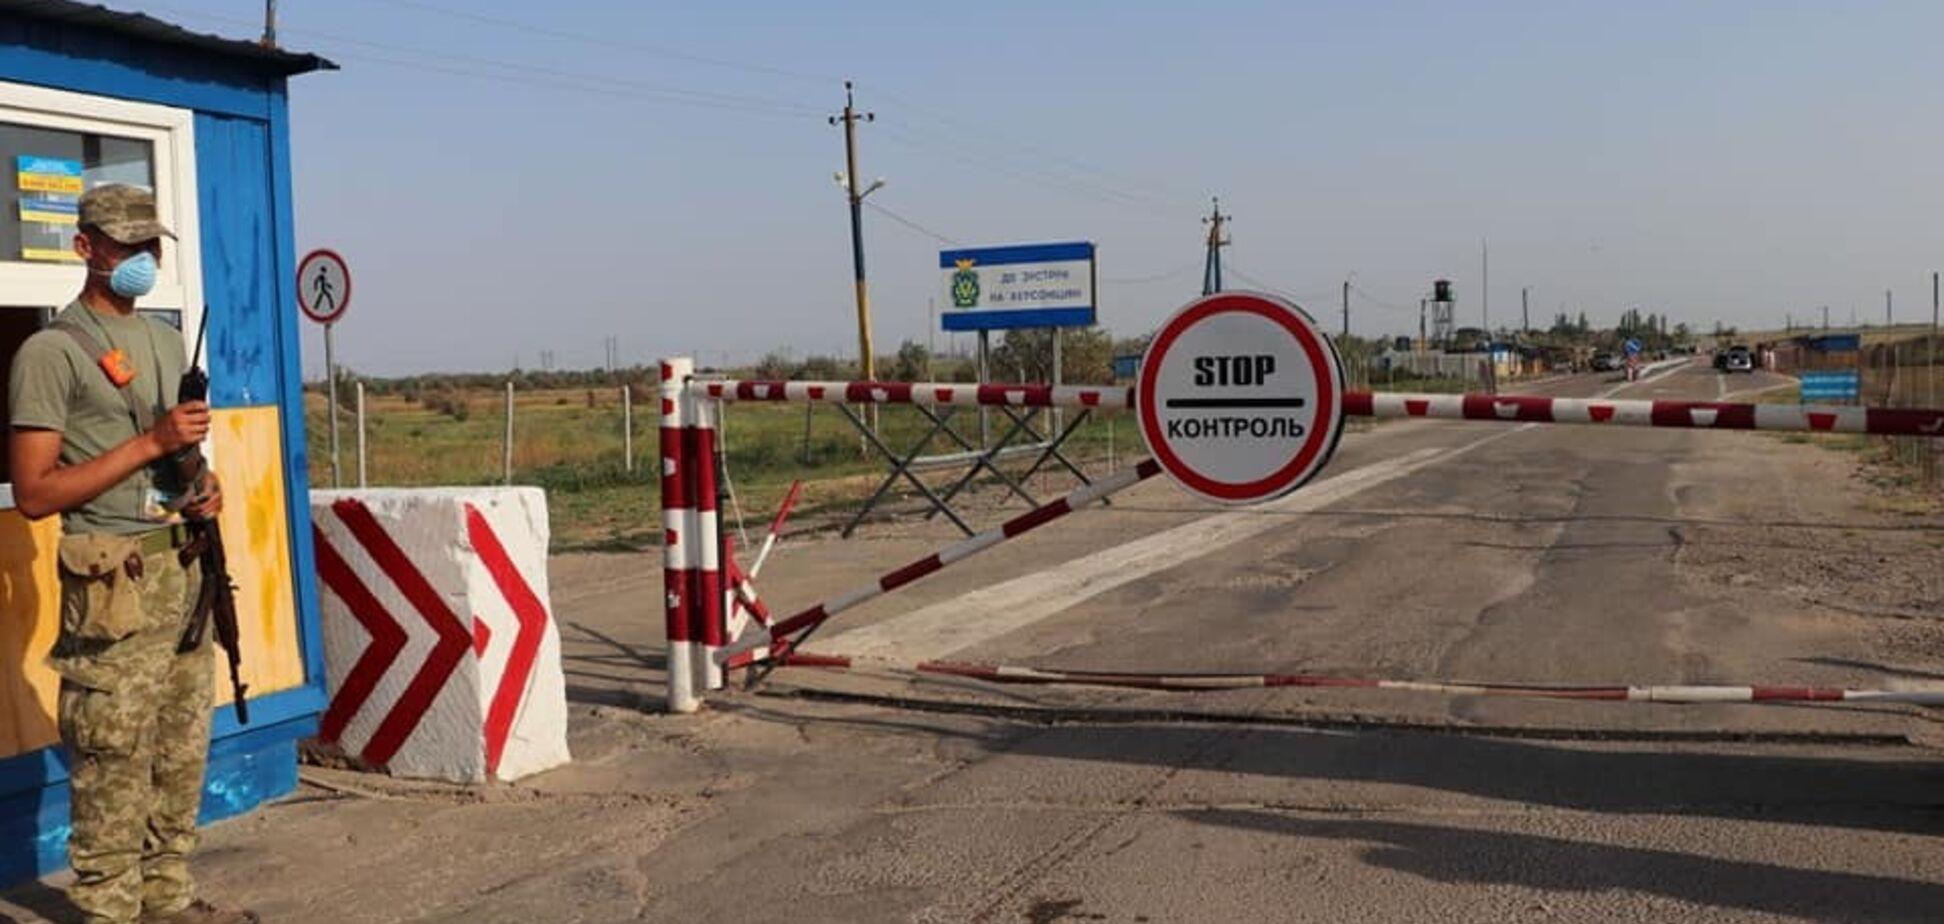 Опіки легень і задуха: ''хіматака'' з Криму дійшла до материкової України. Усі подробиці